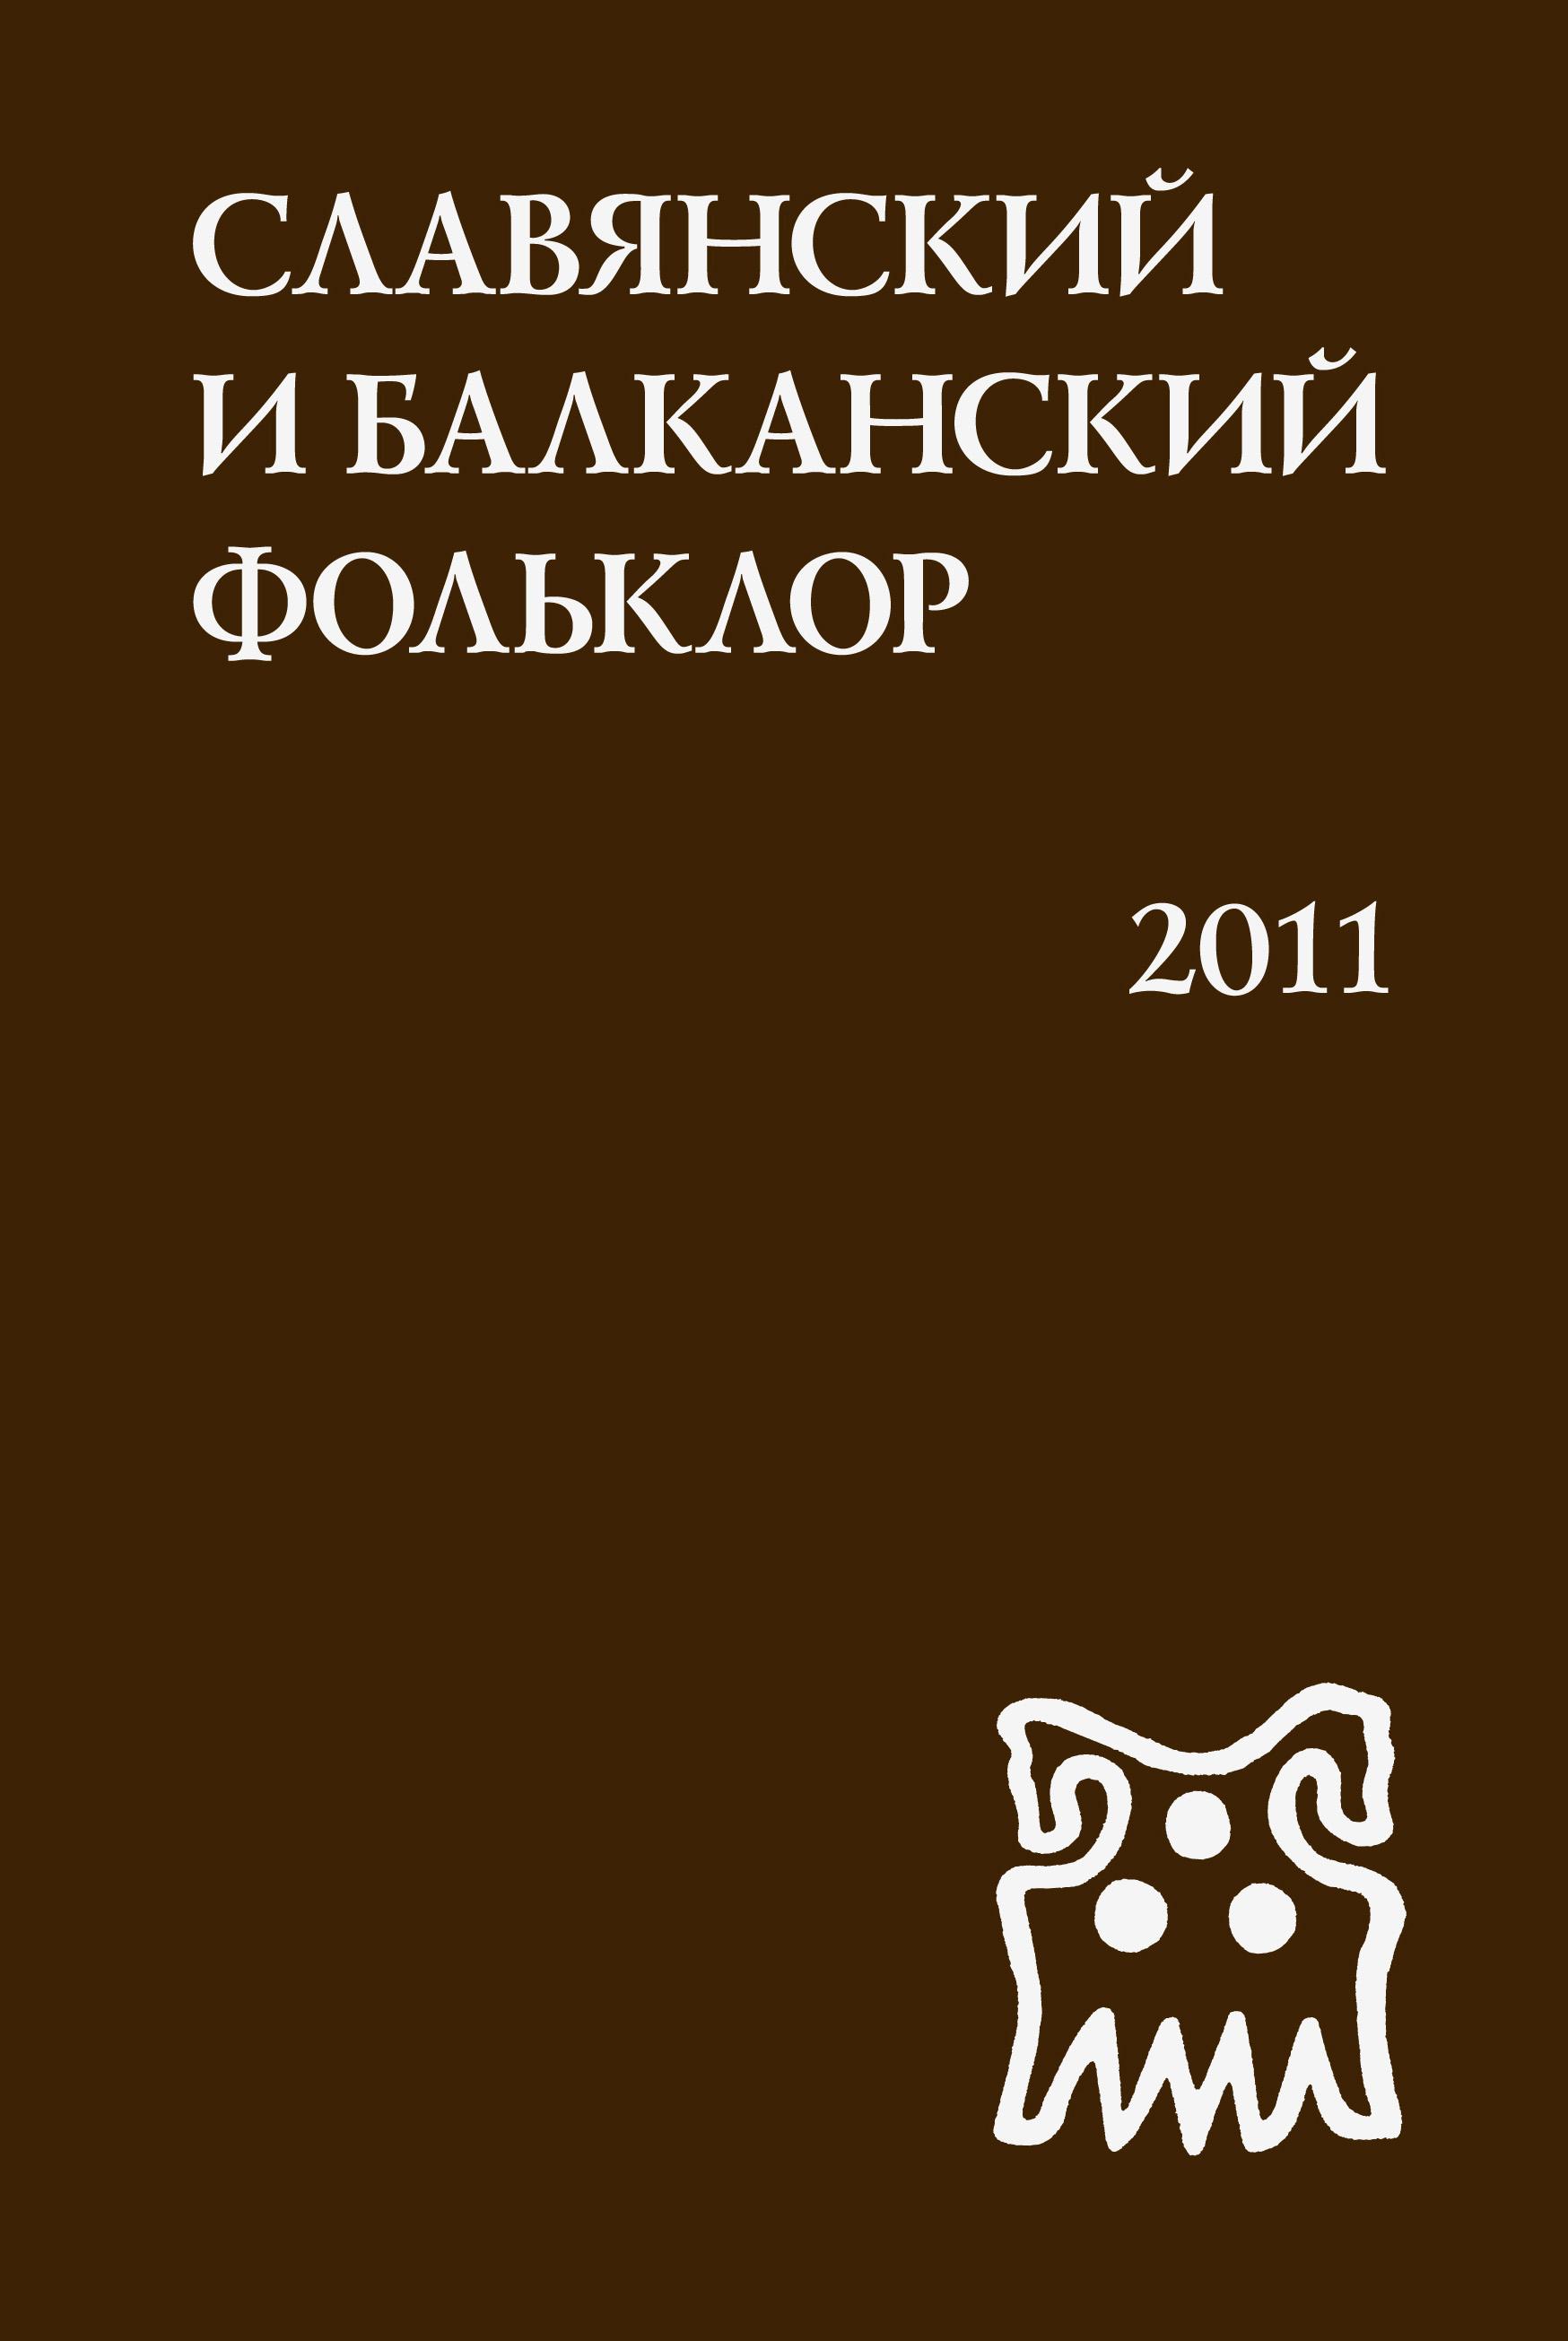 Славянский и балканский фольклор. Виноградье